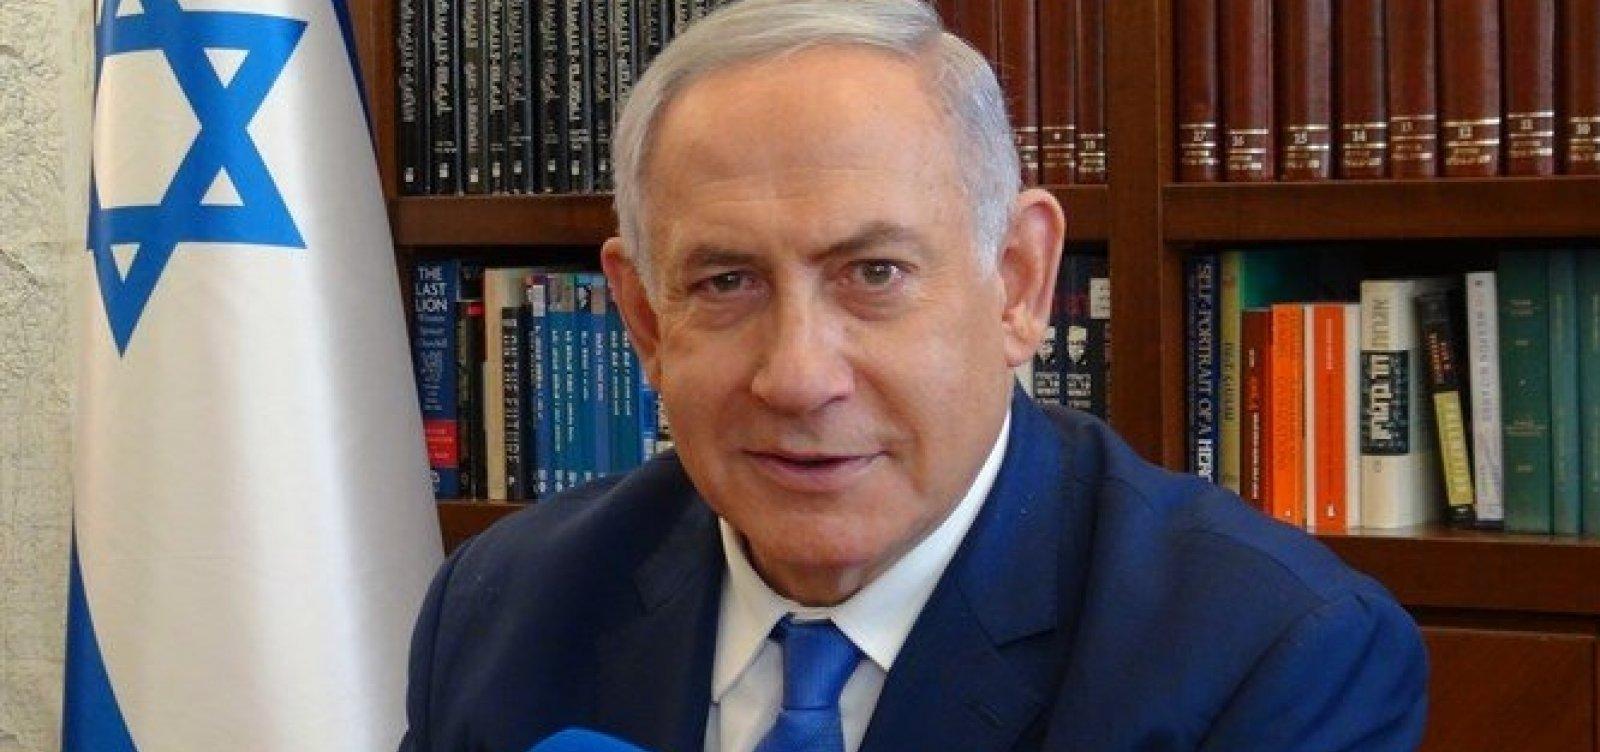 [Netanyahu renuncia ao cargo de primeiro-ministro e desiste de formar governo em Israel]